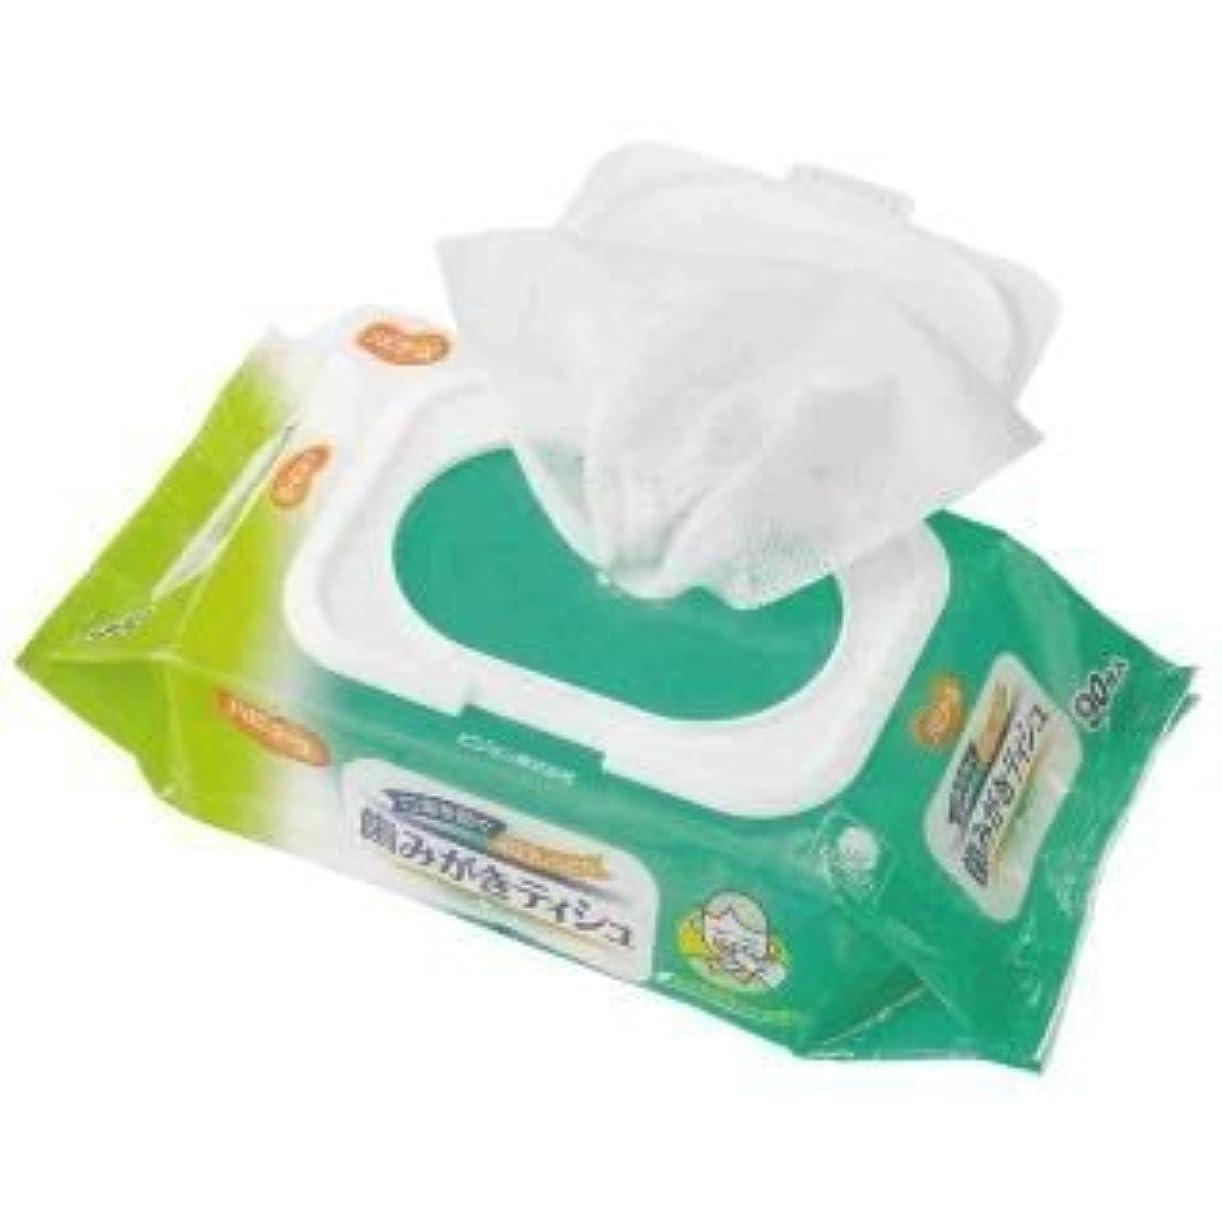 ハイブリッド比率管理します口臭を防ぐ&お口しっとり!ふきとりやすいコットンメッシュシート!お口が乾燥して、お口の臭いが気になるときに!歯みがきティシュ 90枚入【3個セット】